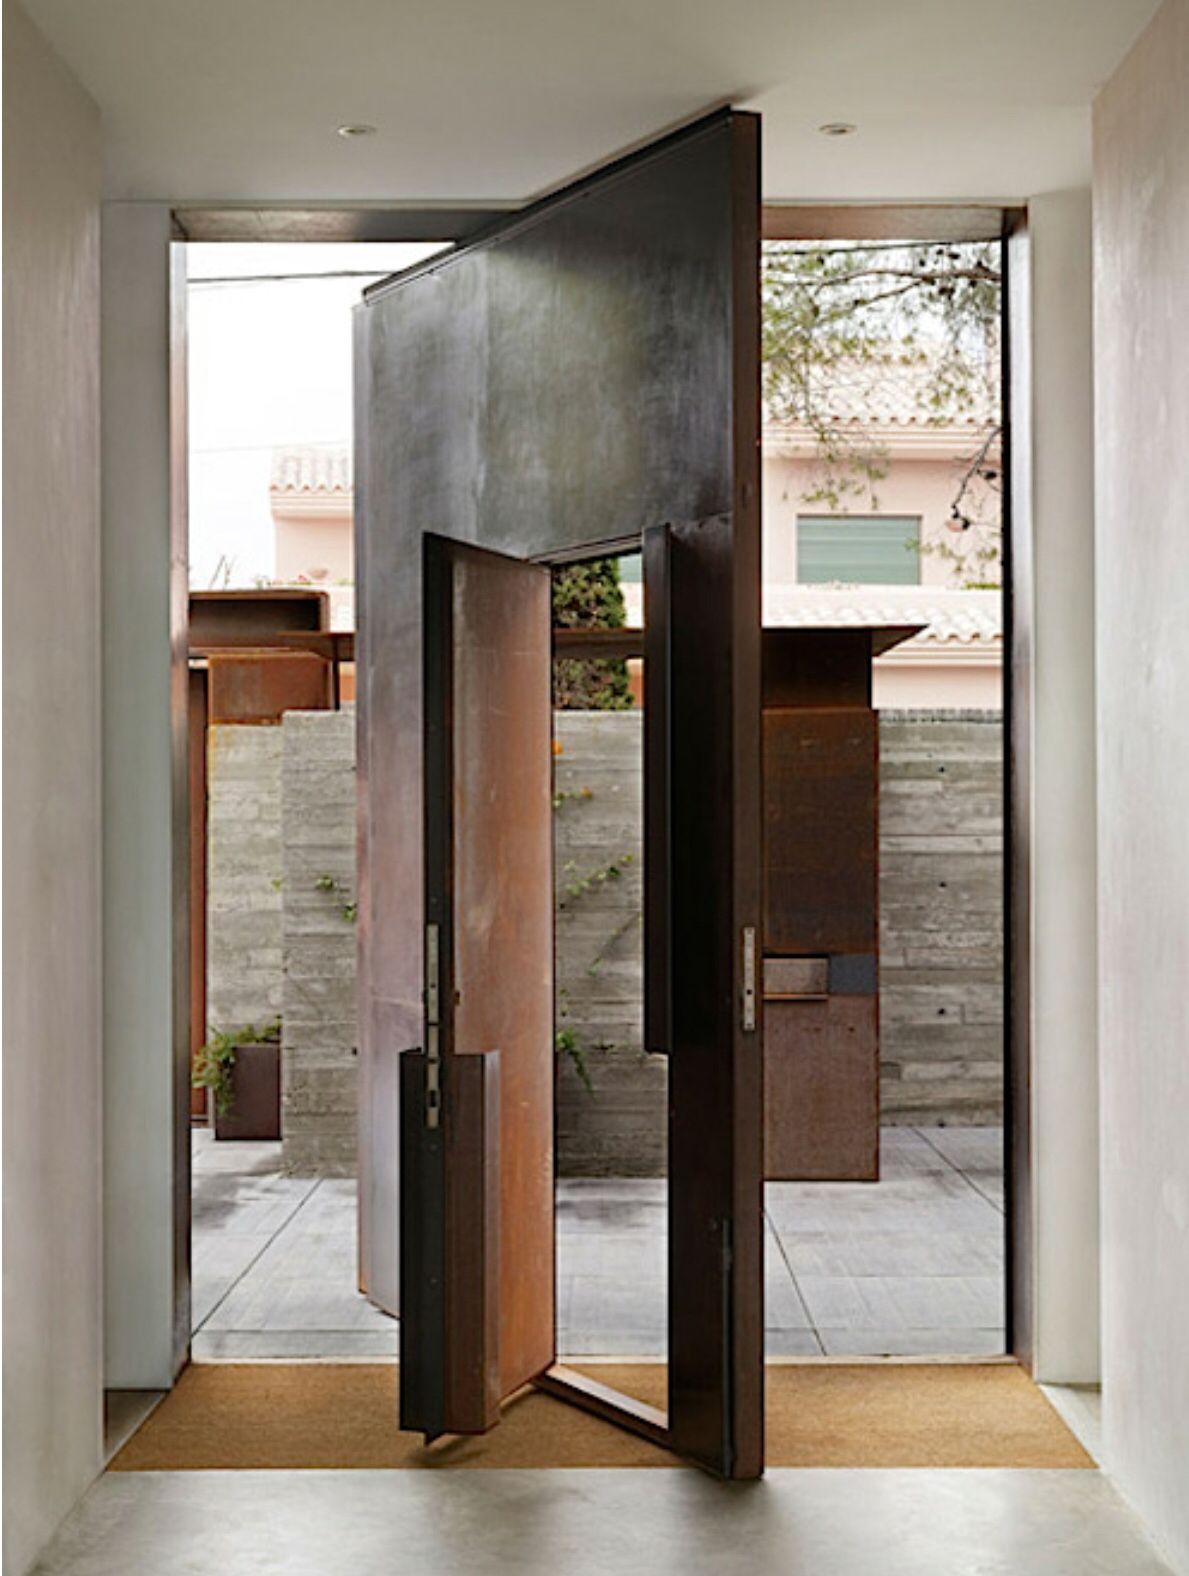 Corten Steel Pivoted Front Door With Inset Swing Door. This Is Sooo Sick!!!